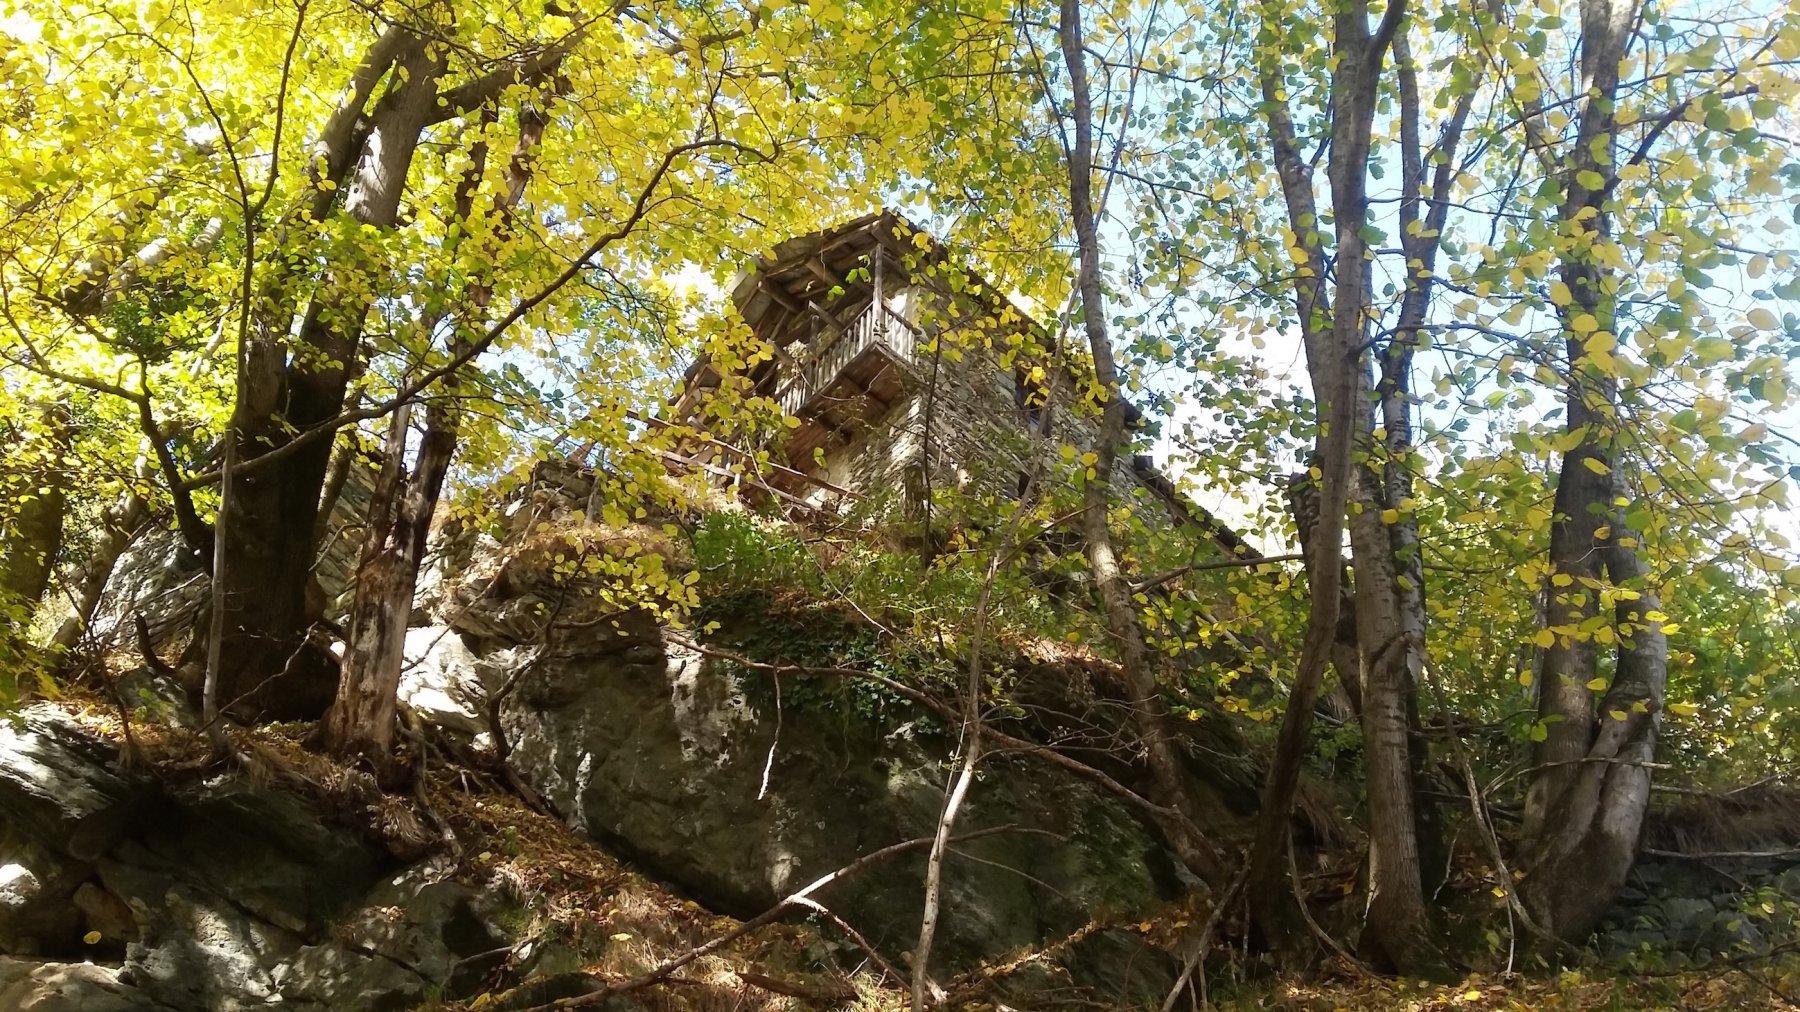 c'è una casa nel bosco...